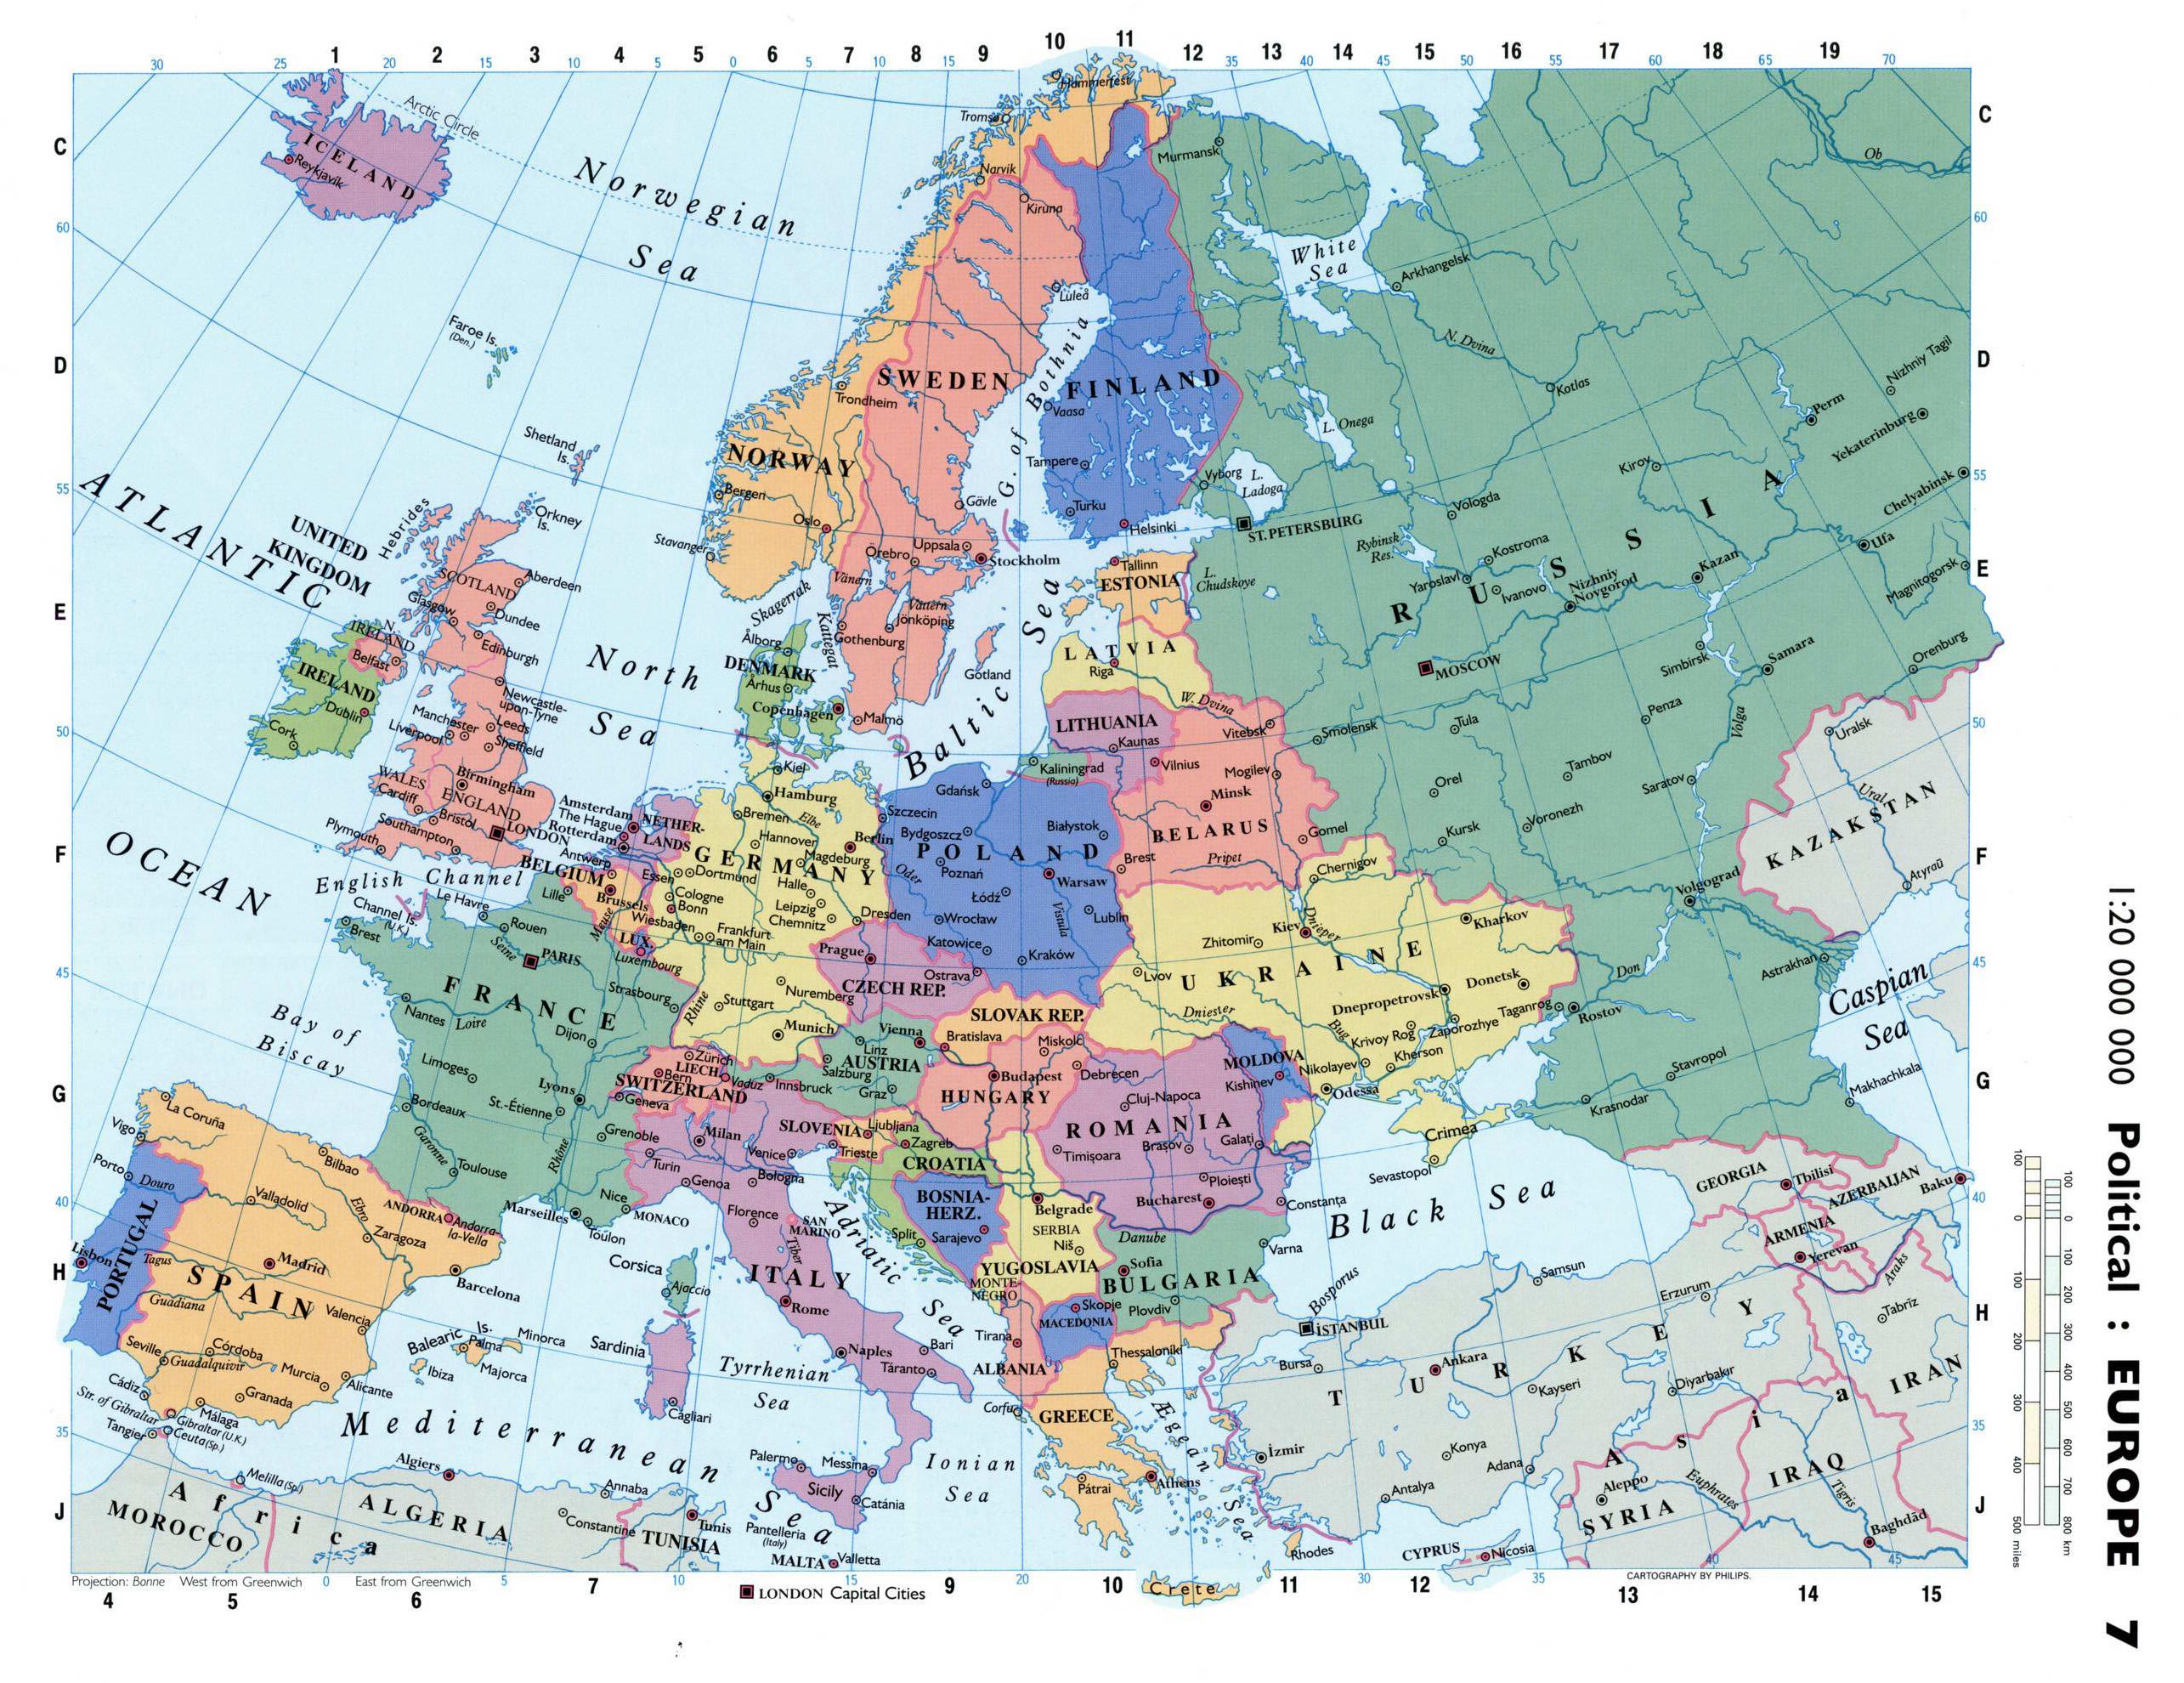 Politico Mapa Europa Con Capitales.Mapa Politico Detallado De Europa Con Las Capitales Y